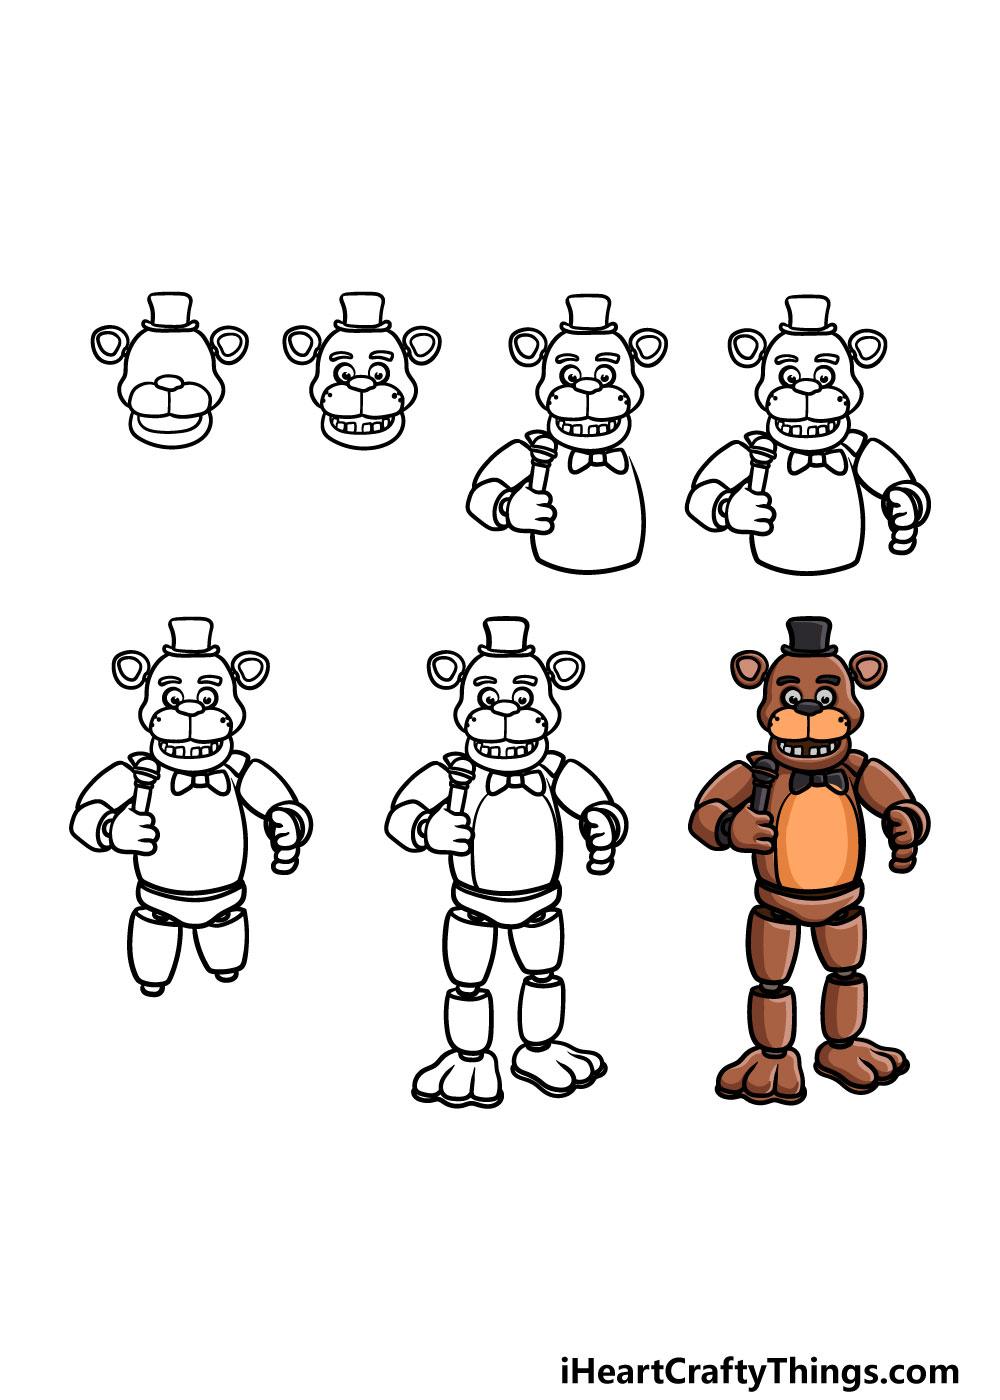 How to Draw Freddy Fazbear in 7 steps